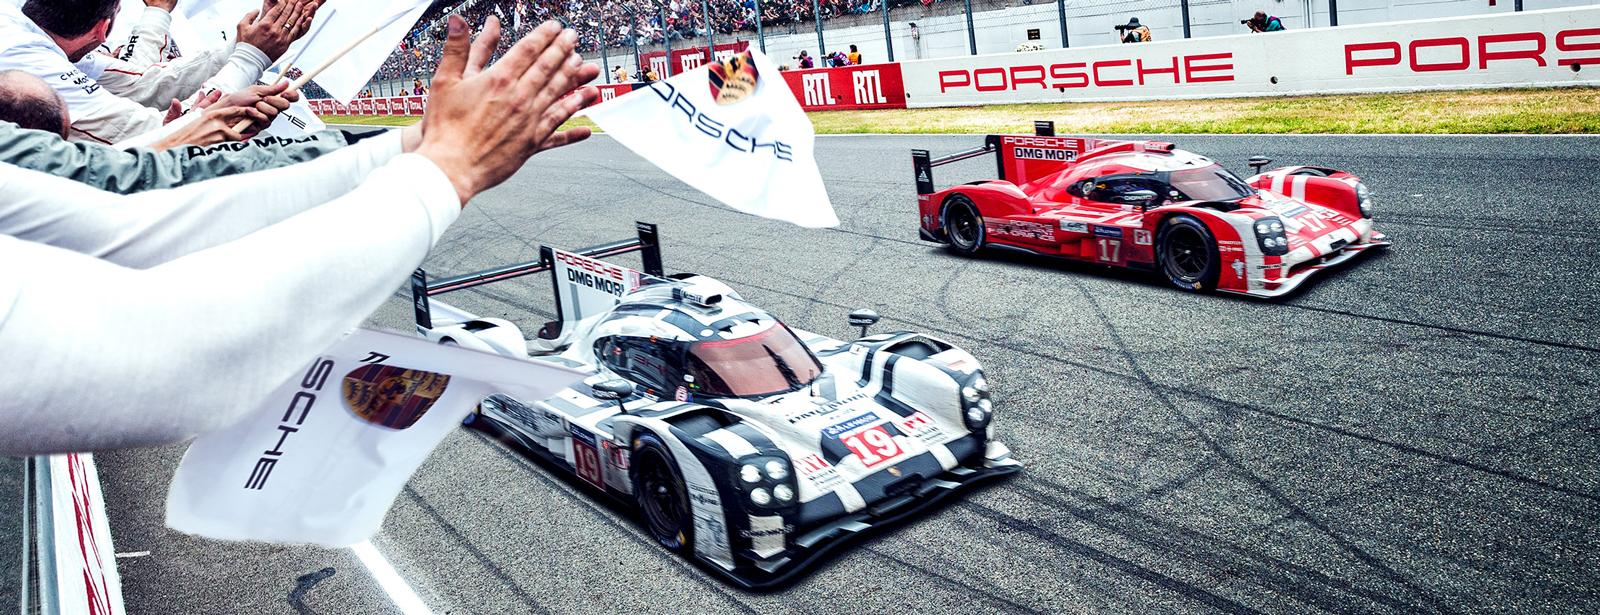 Porsche - Our return